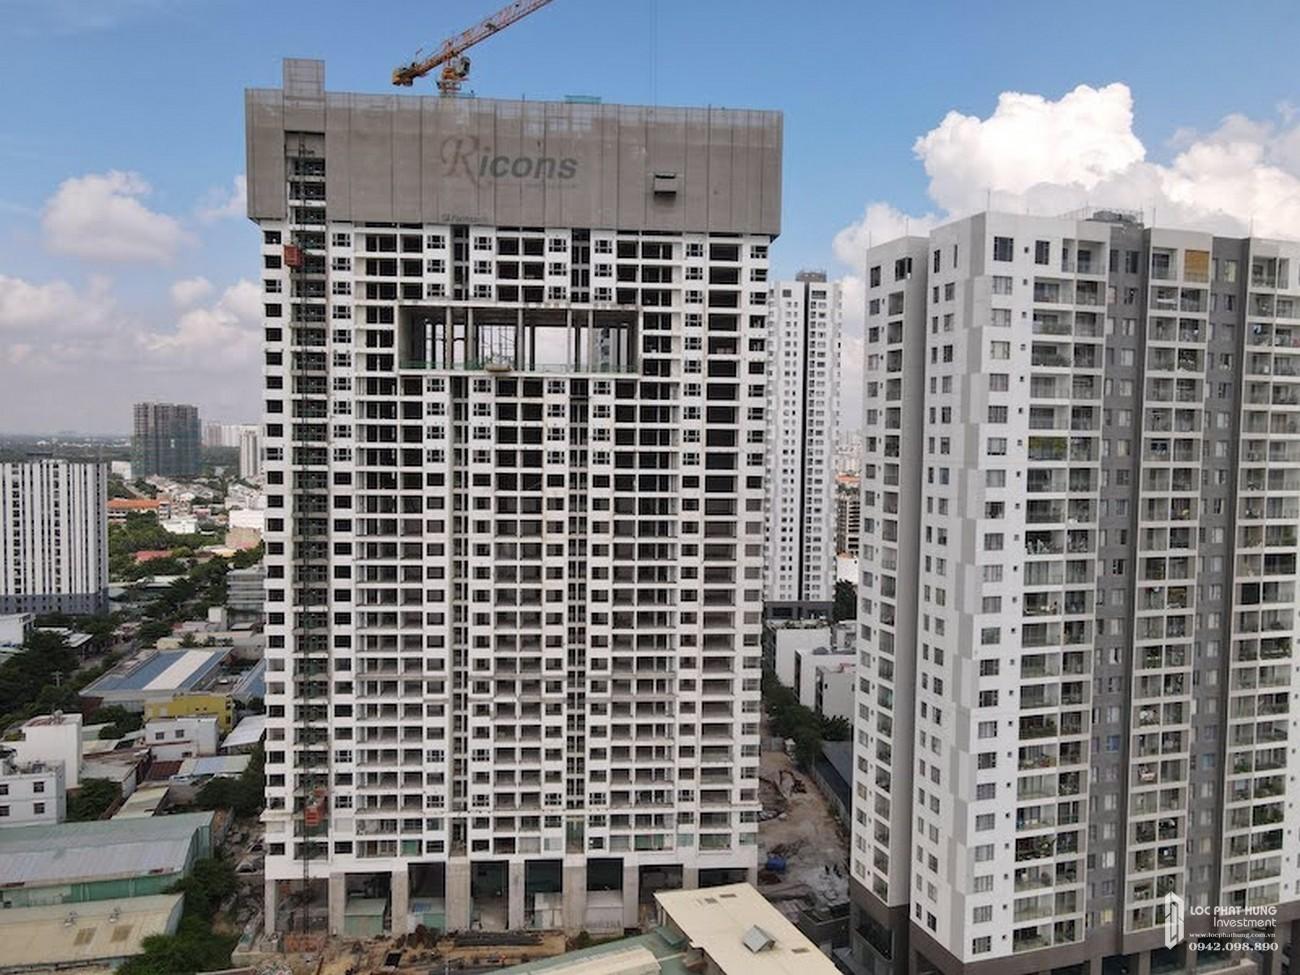 Tiến độ dự án căn hộ chung cư Sky 89 Quận 7 Đường Hoàng Quốc Việt chủ đầu tư An Gia Investment tháng 10